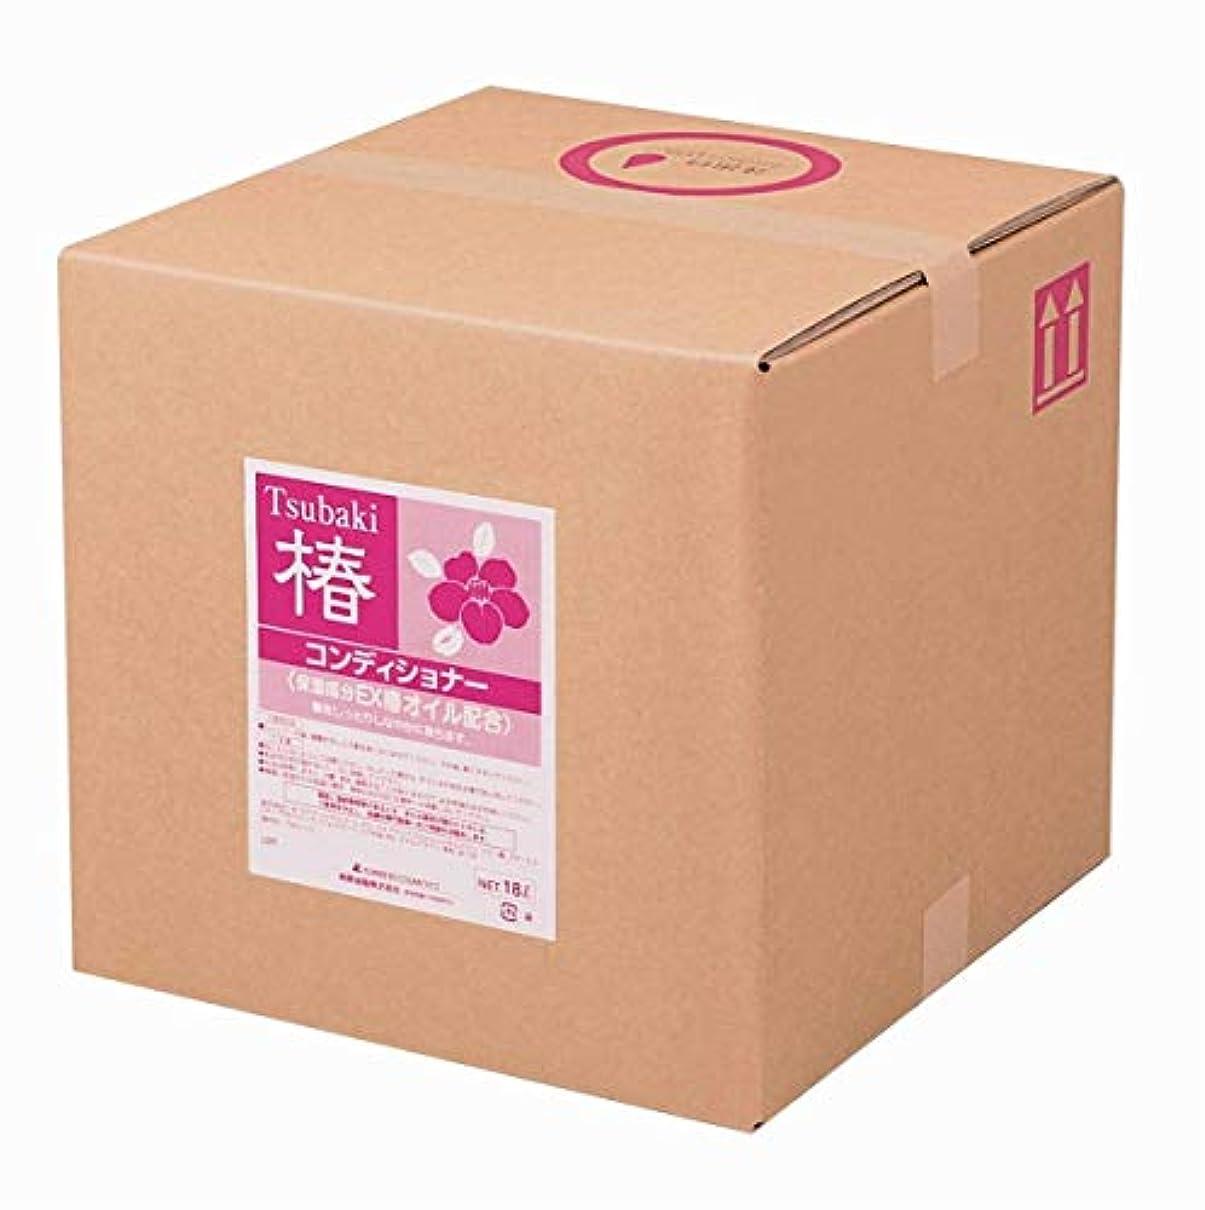 ジュラシックパーク知事叙情的な業務用 SCRITT(スクリット) 椿 コンディショナー 18L 熊野油脂 (コック無し)